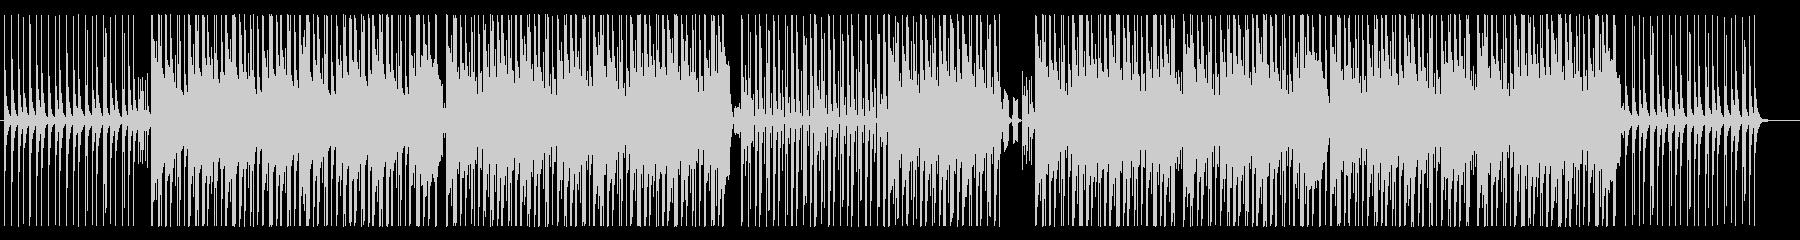 おしゃれで大人っぽいヒップホップの未再生の波形